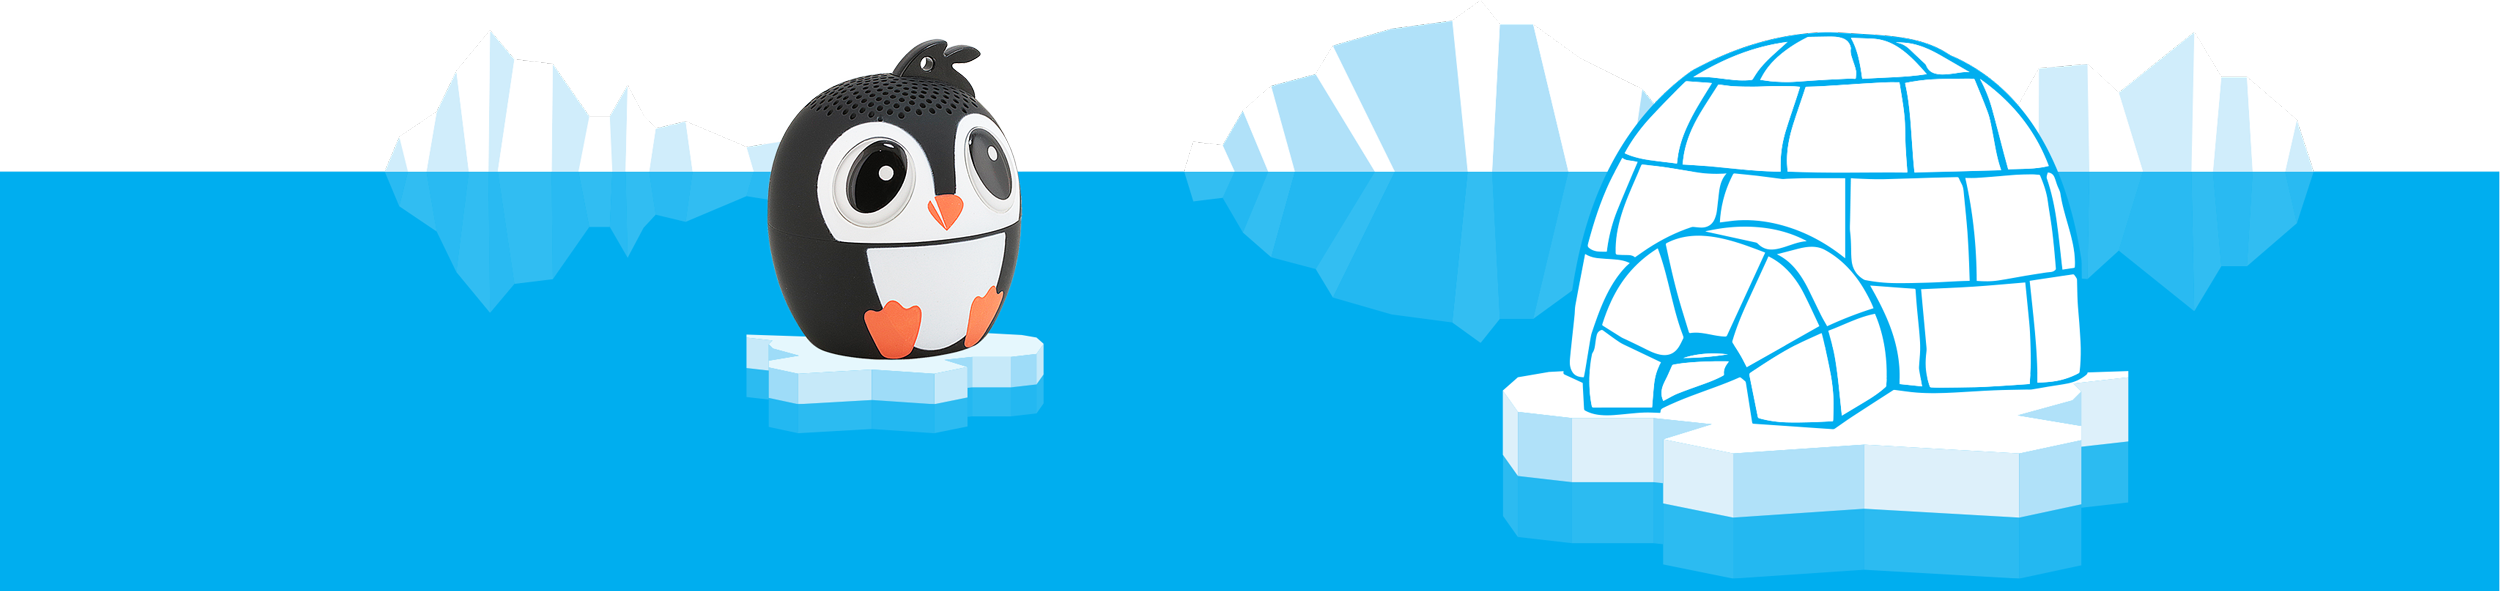 Ice Ice Baby in ice